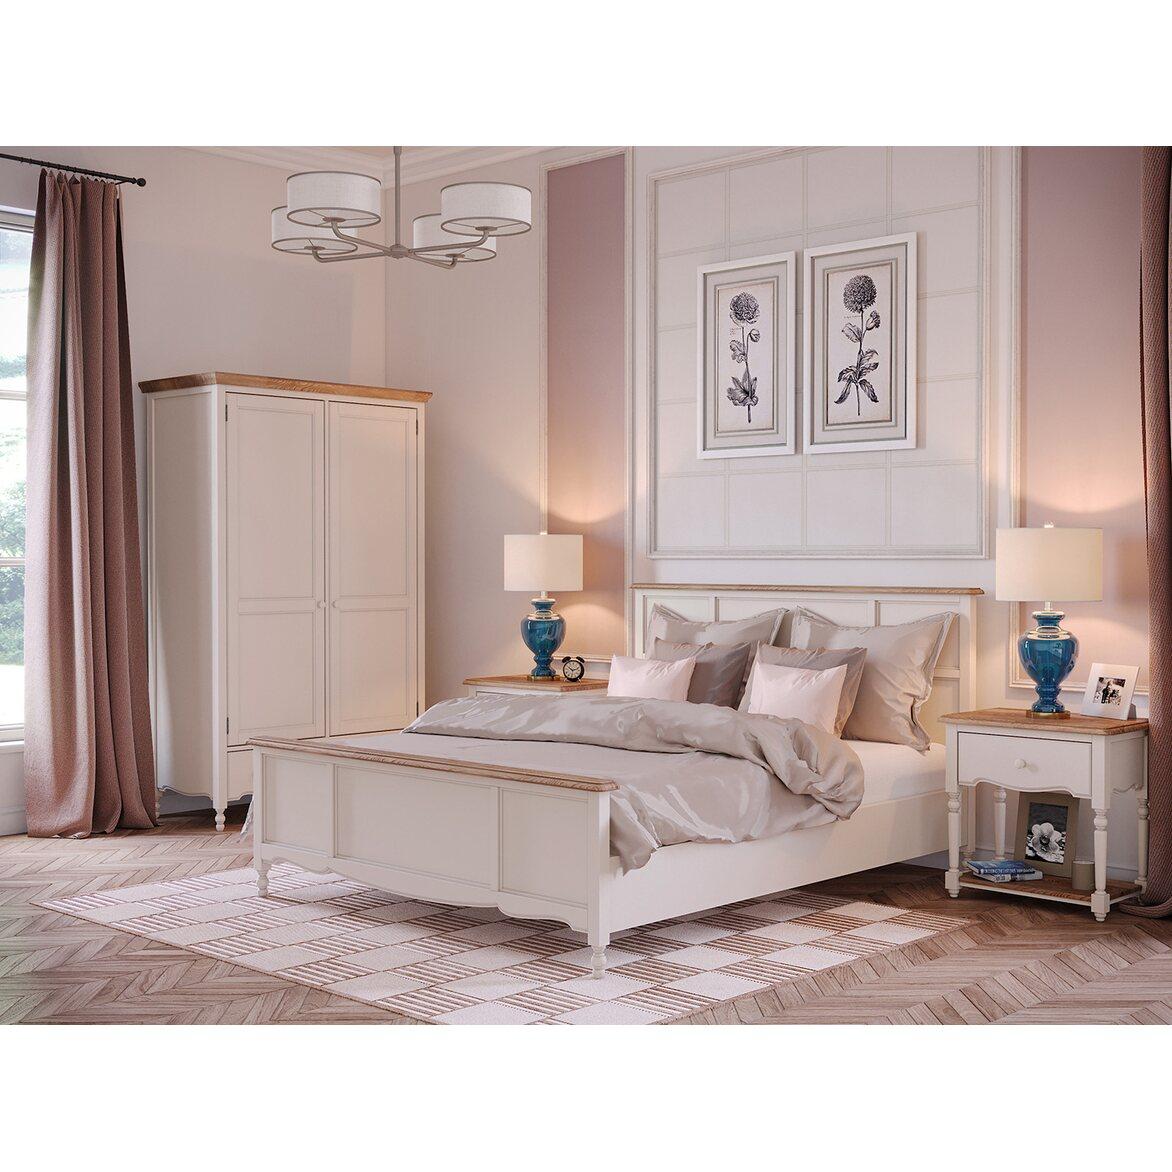 Кровать Leblanc, двуспальная, бежевая 4 | Двуспальные кровати Kingsby